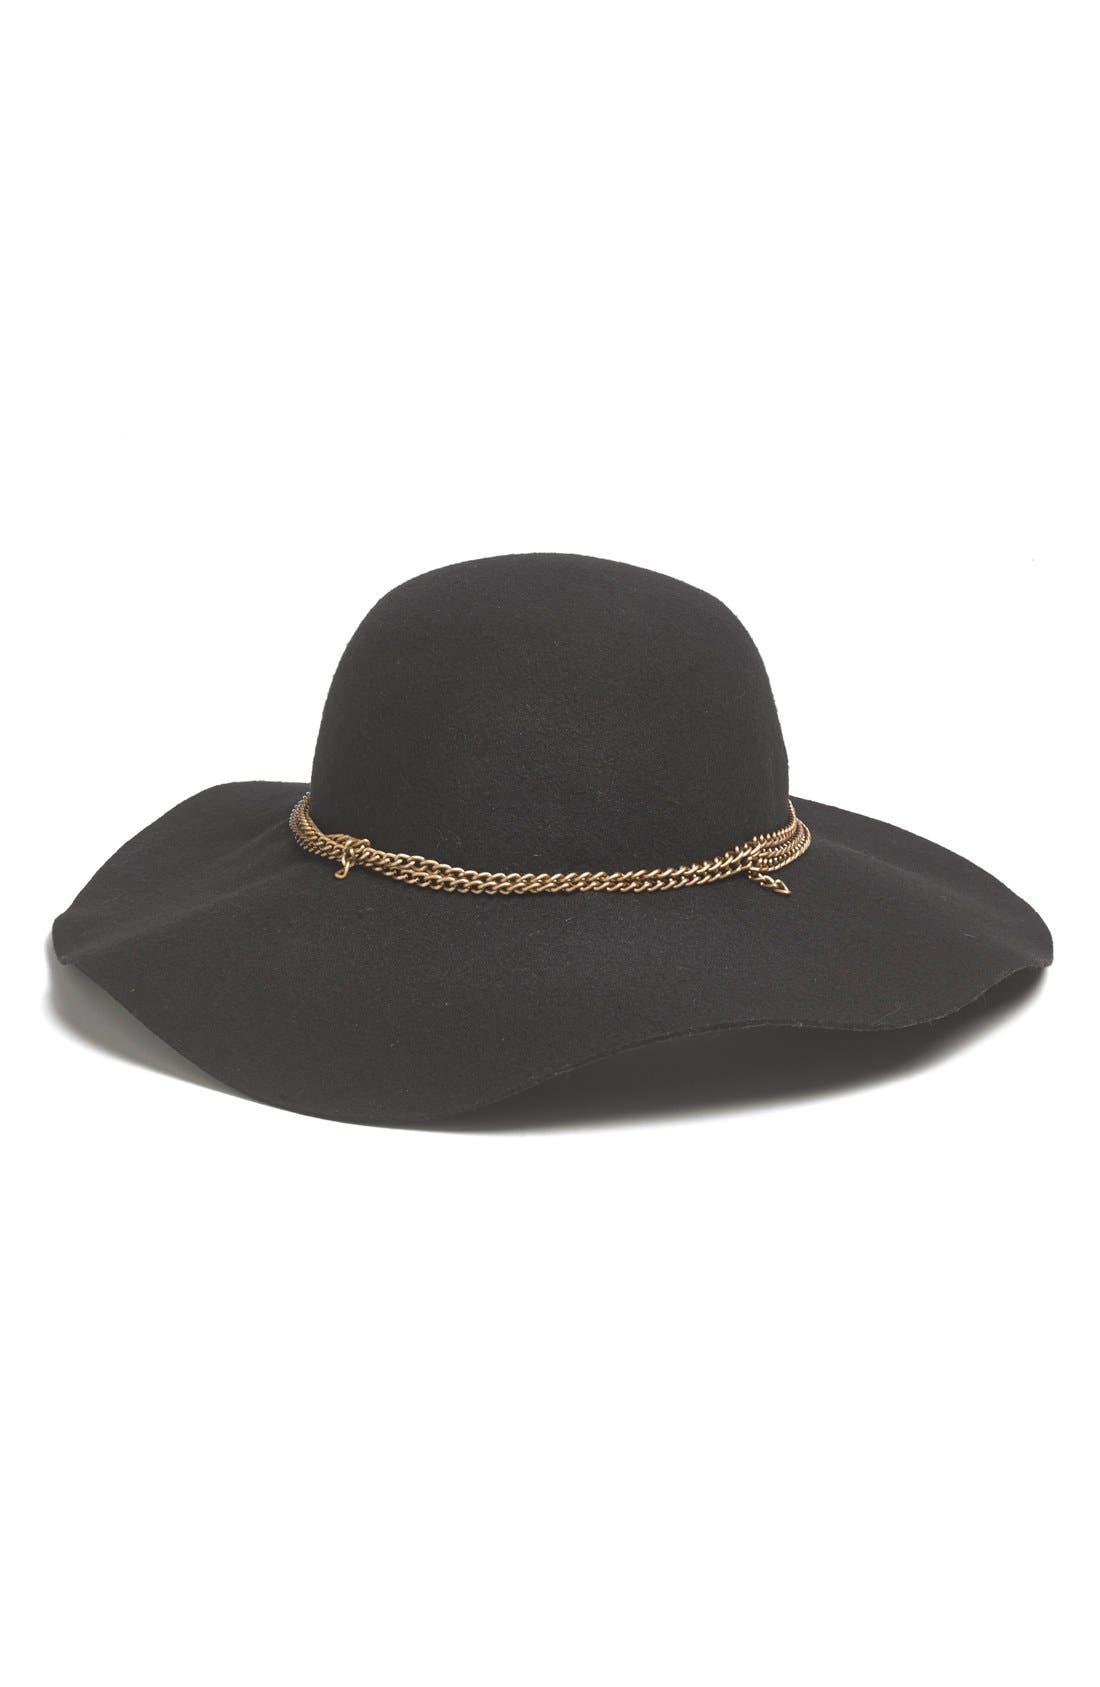 Alternate Image 1 Selected - Tildon Floppy Wool Hat